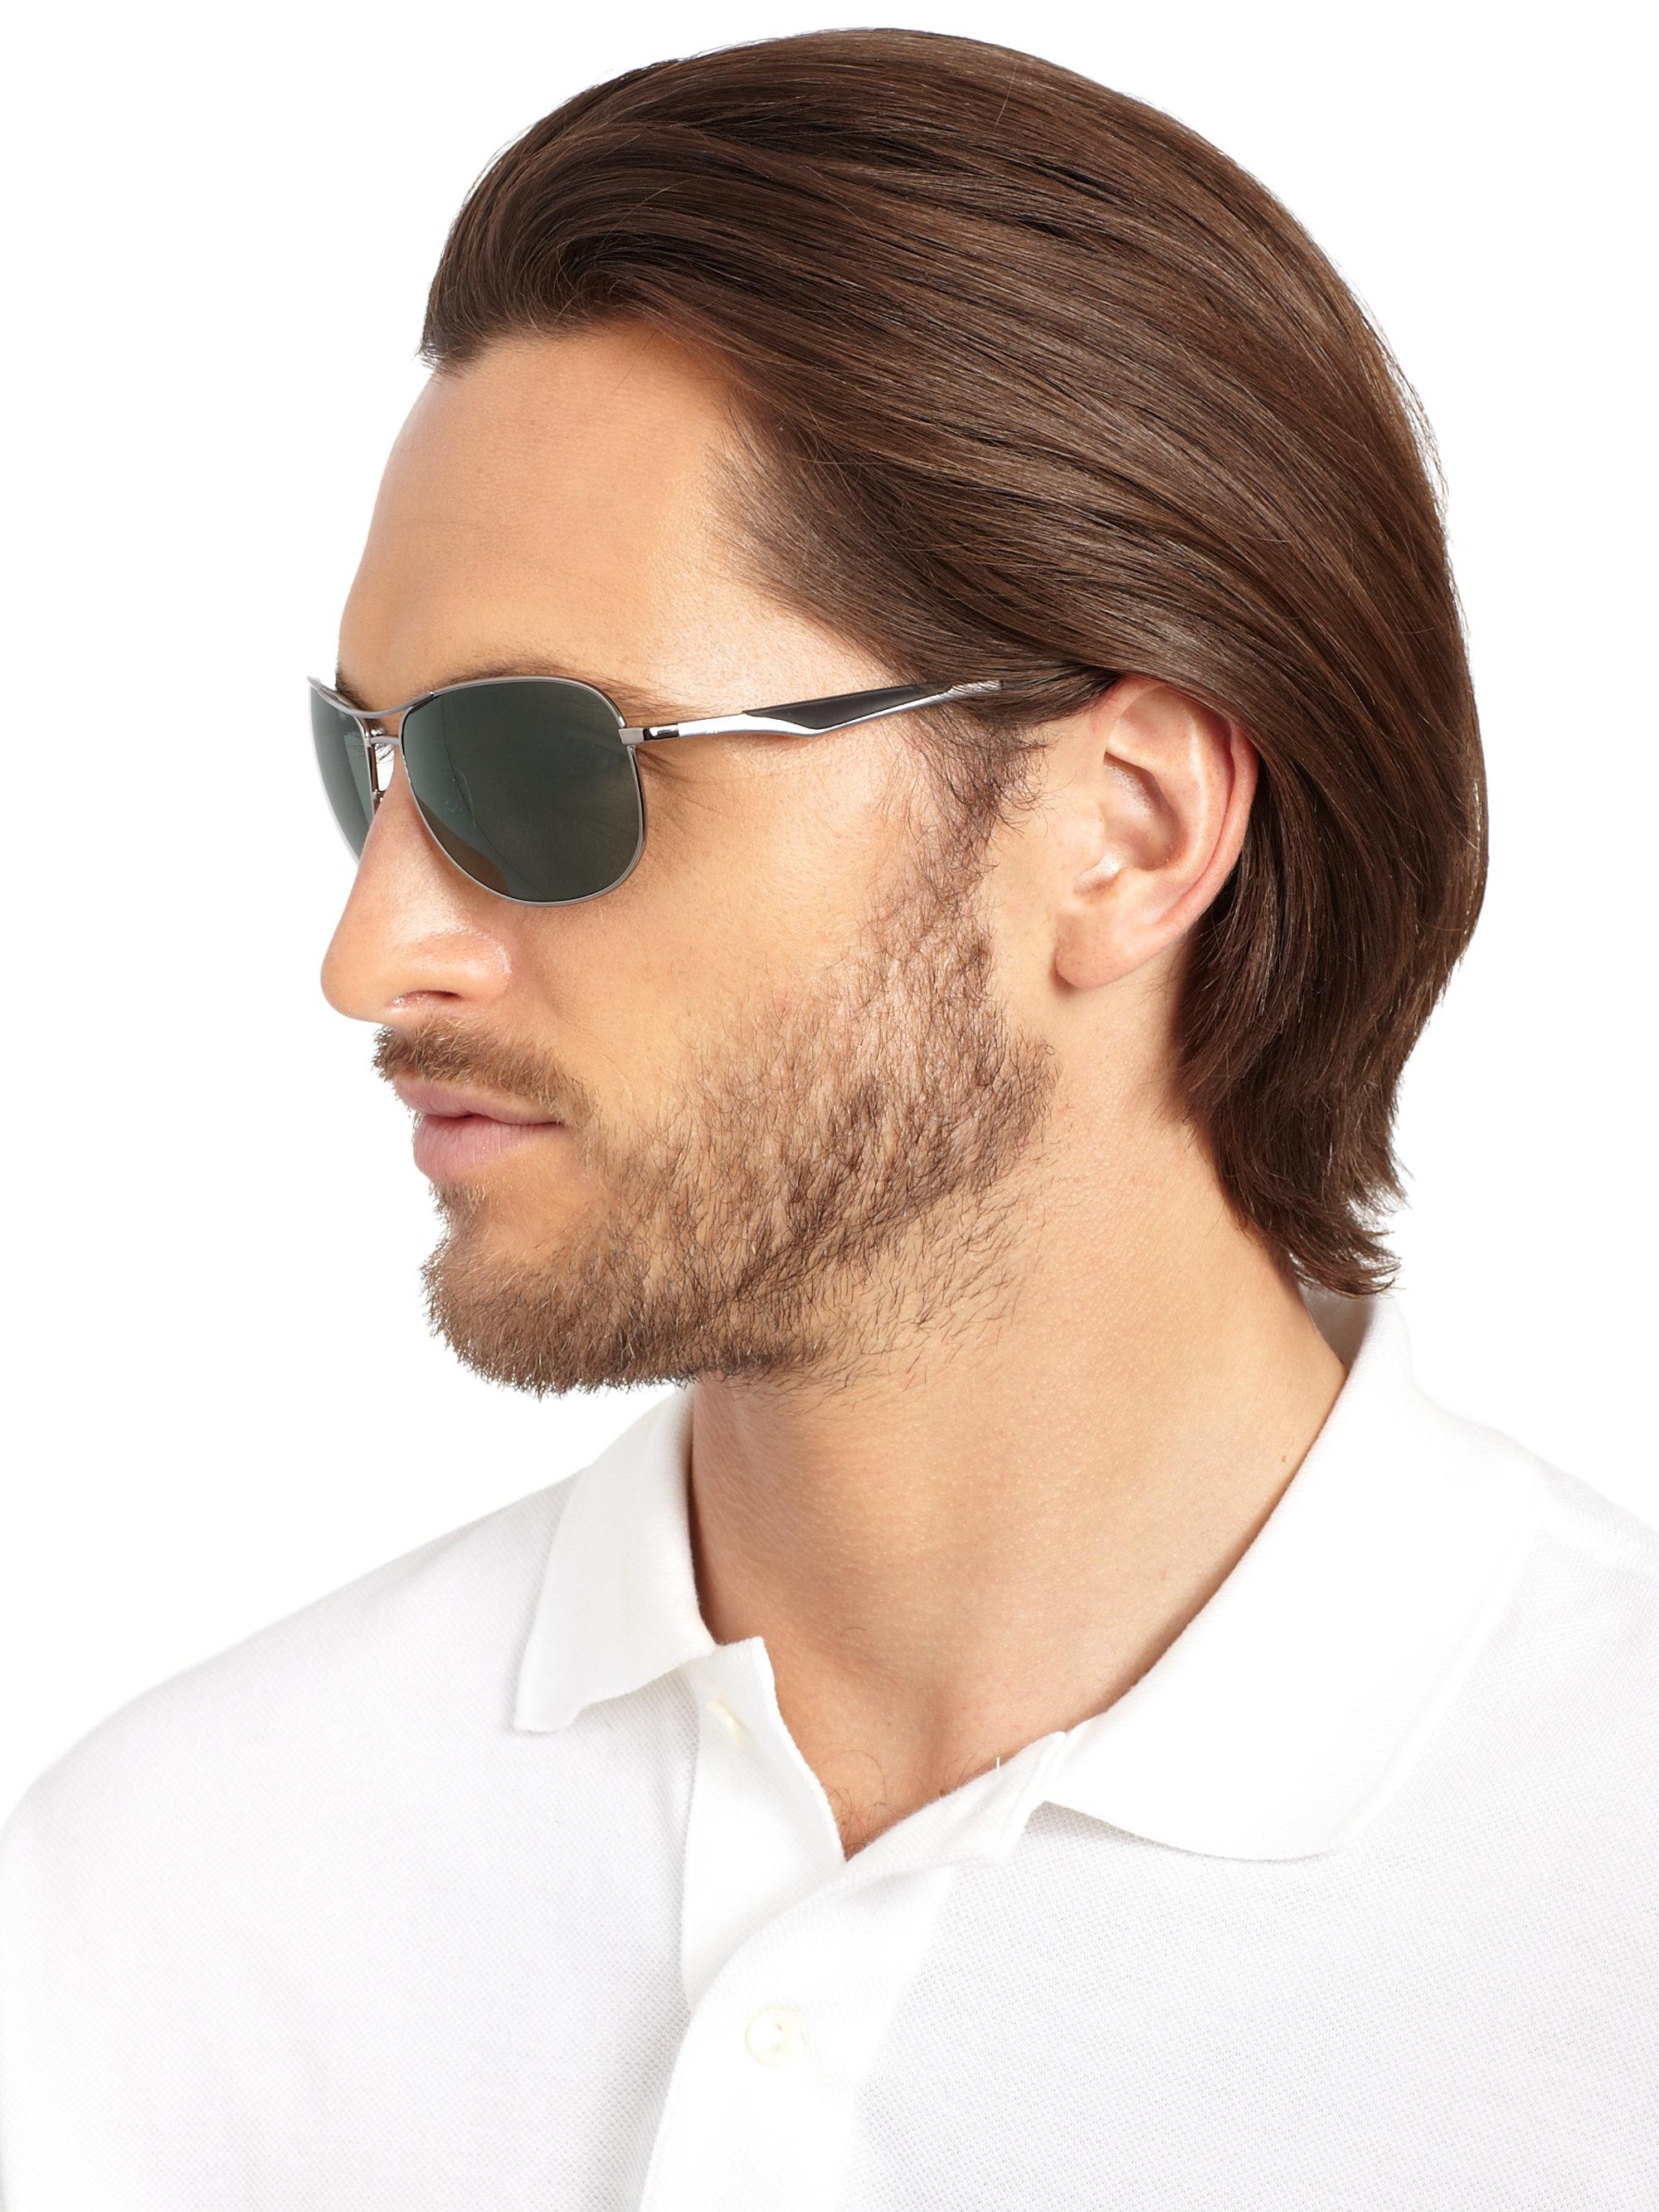 Как правильно носить очки для солнца